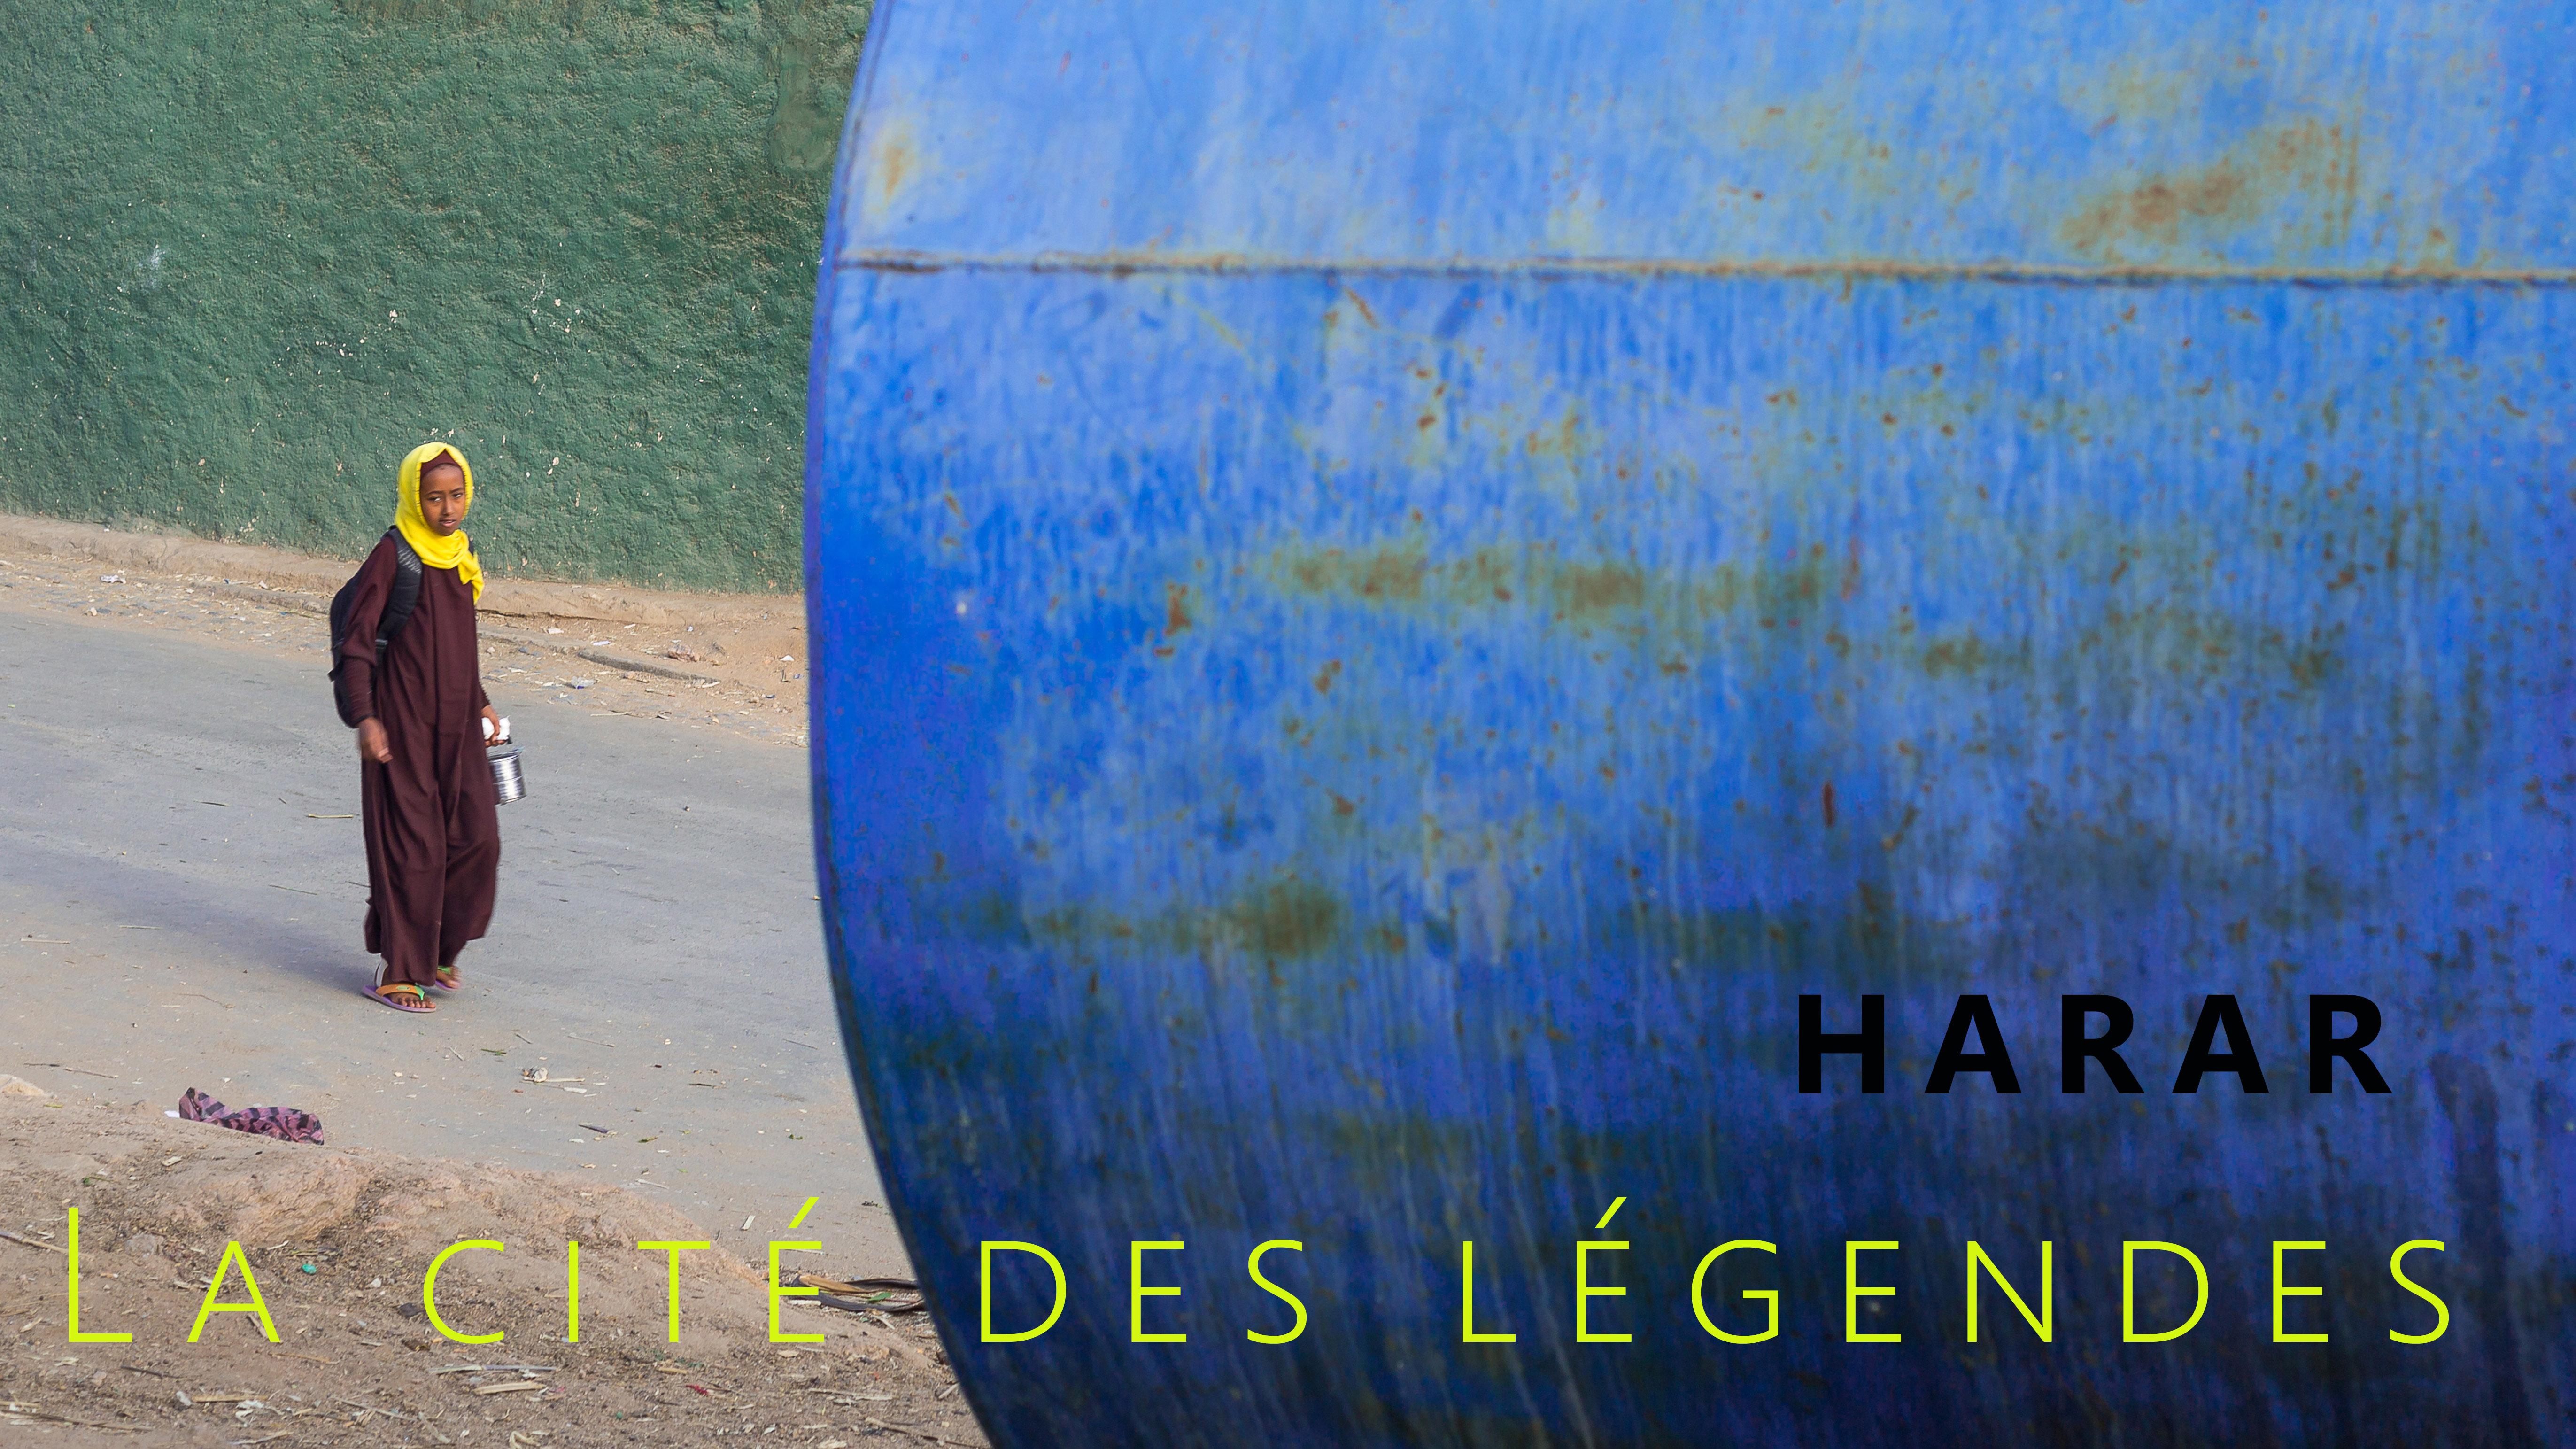 Harar_La_cité_des_légendes